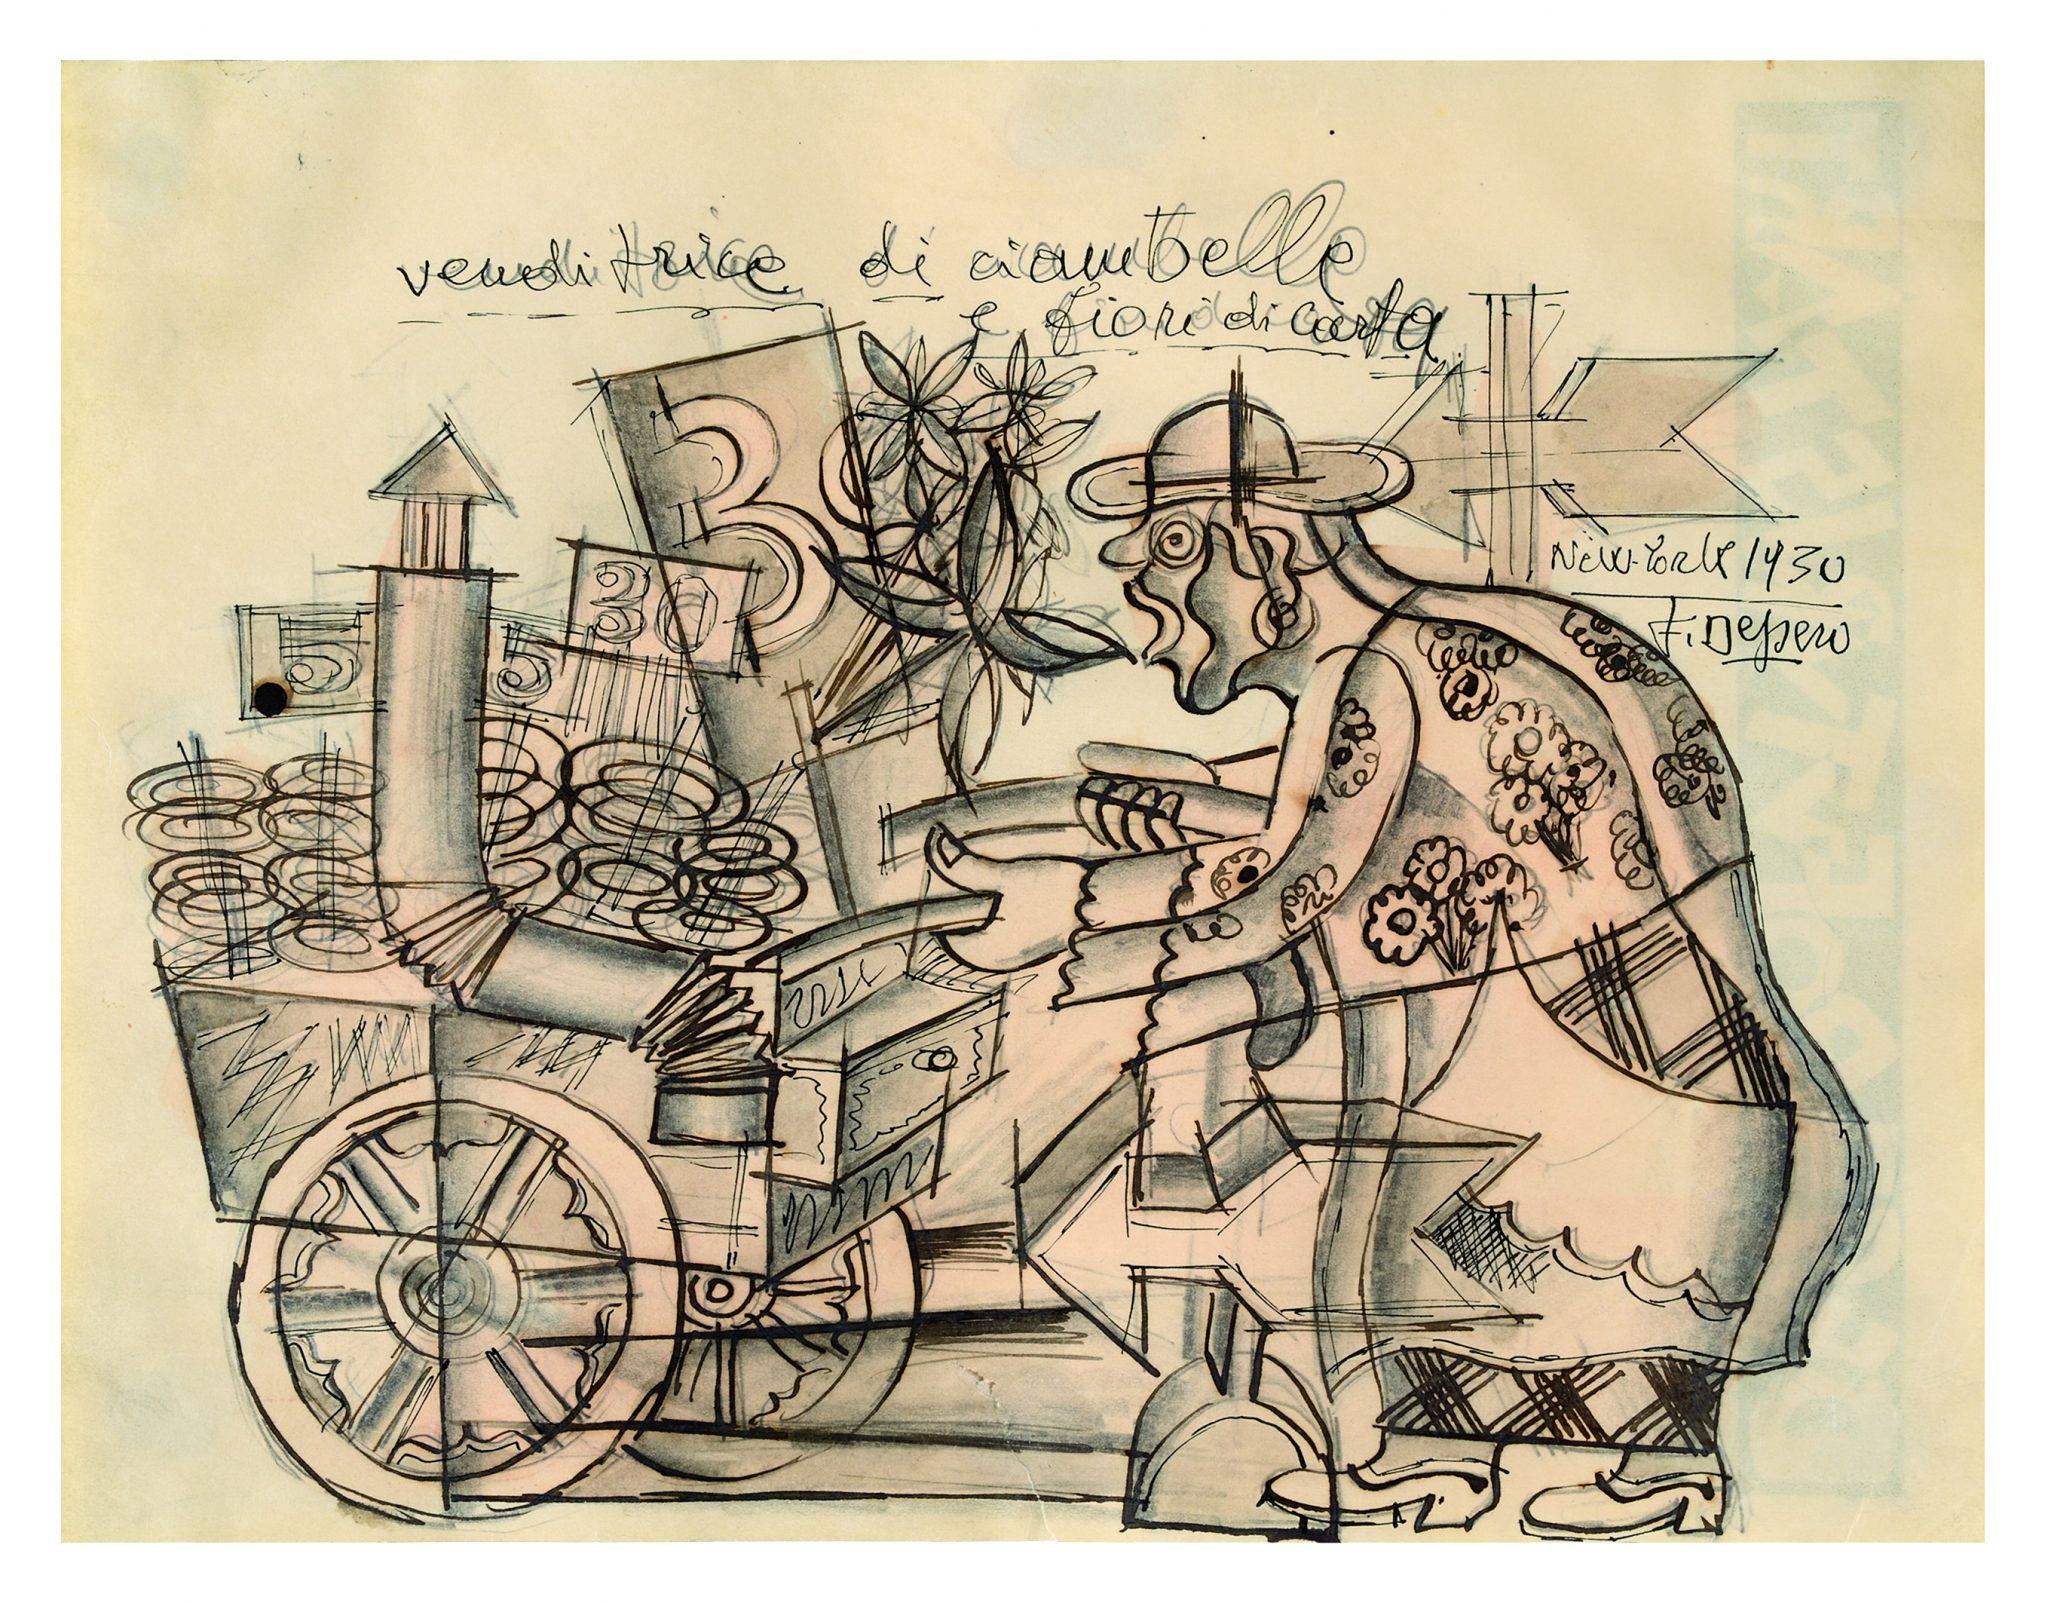 Fortunato DeperoVenditrice di ciambelle e fiori di carta, 1930Inchiostro, matita grafite e acquerello su carta, 21.5 x 27.9 cm